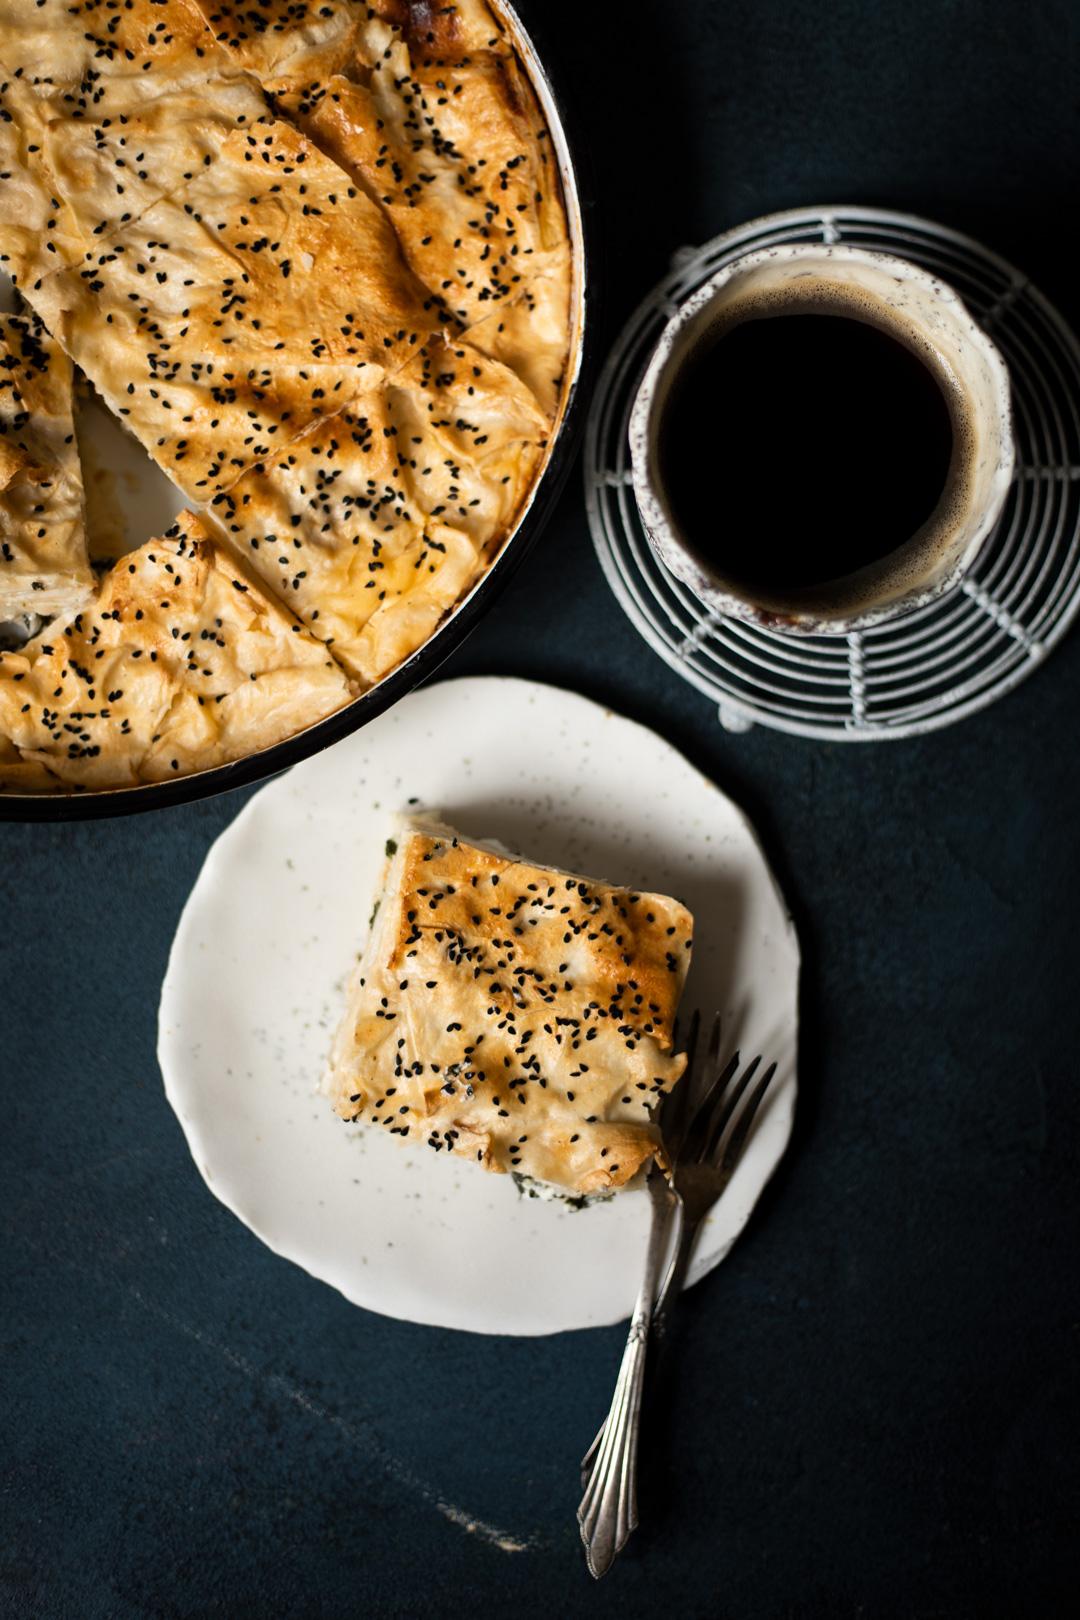 #Mädchenbäckerei: Börek Rezept mit Spinat und Schafskäse